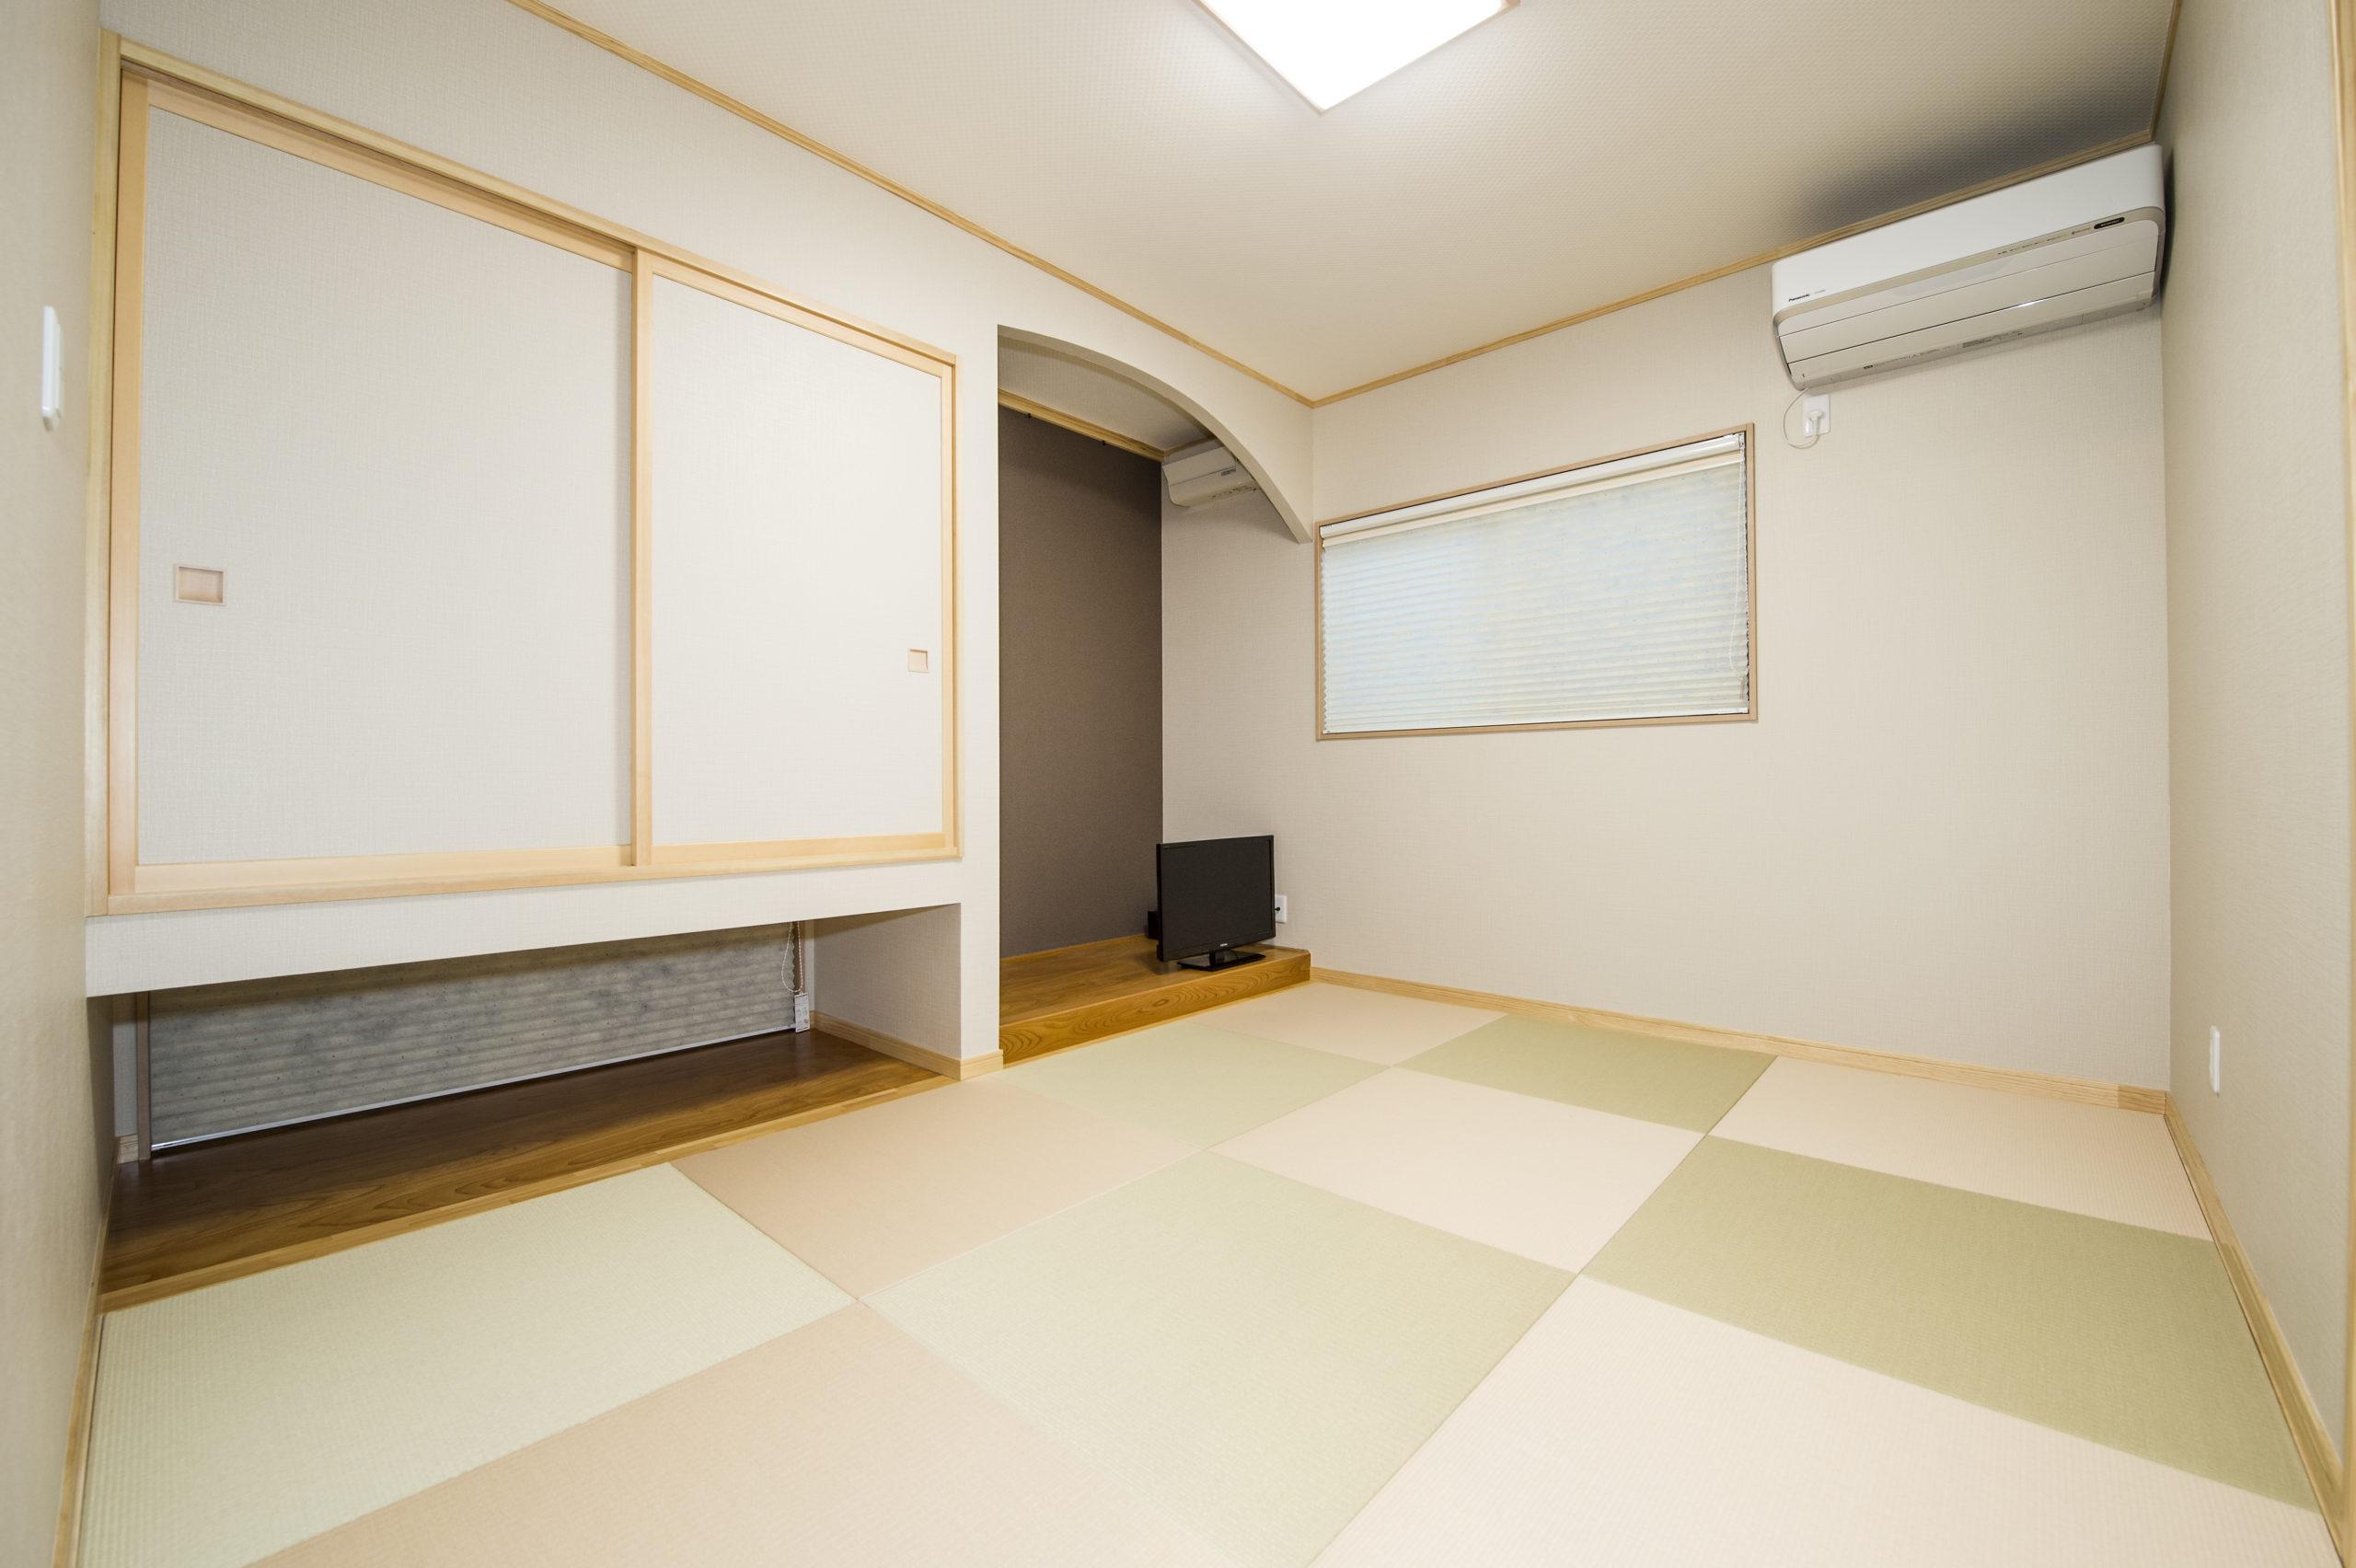 Vol.63【石巻市新築コラム】マイホームに和室を作る?作らない?